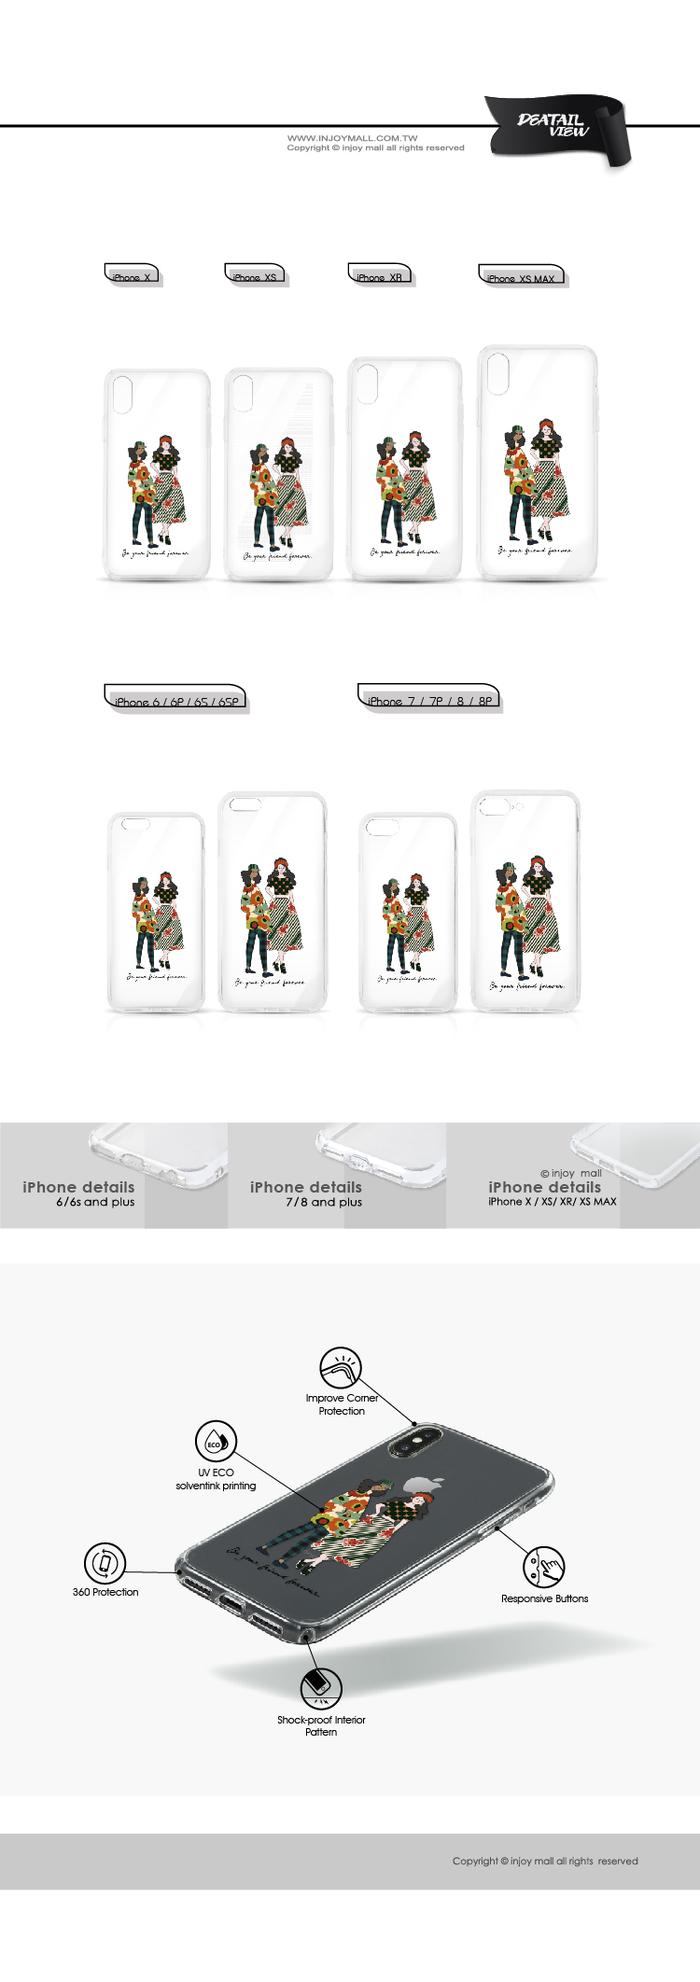 (複製)INJOY mall|iPhone 6 / 7 / 8 / Plus / X / XS / XR / max 系列 跟我一起搖擺 透明耐衝擊防摔手機